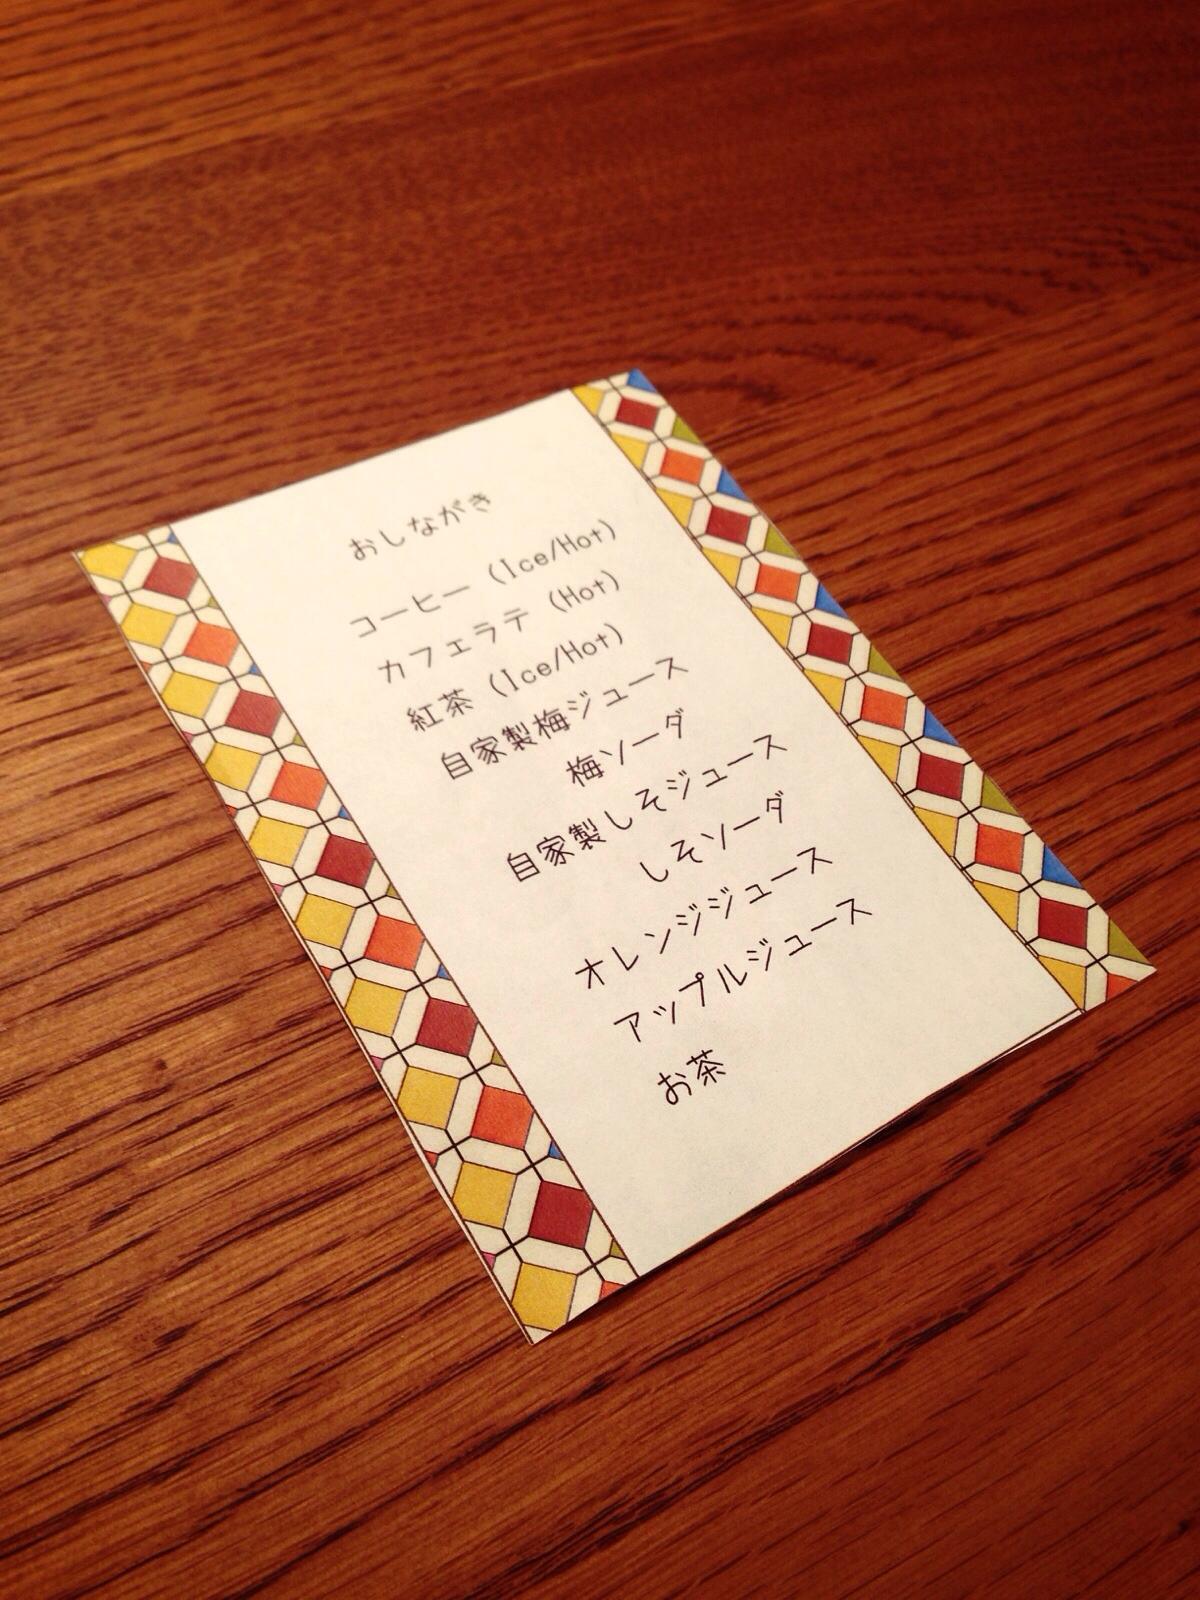 fc2blog_201407152311154e7.jpg